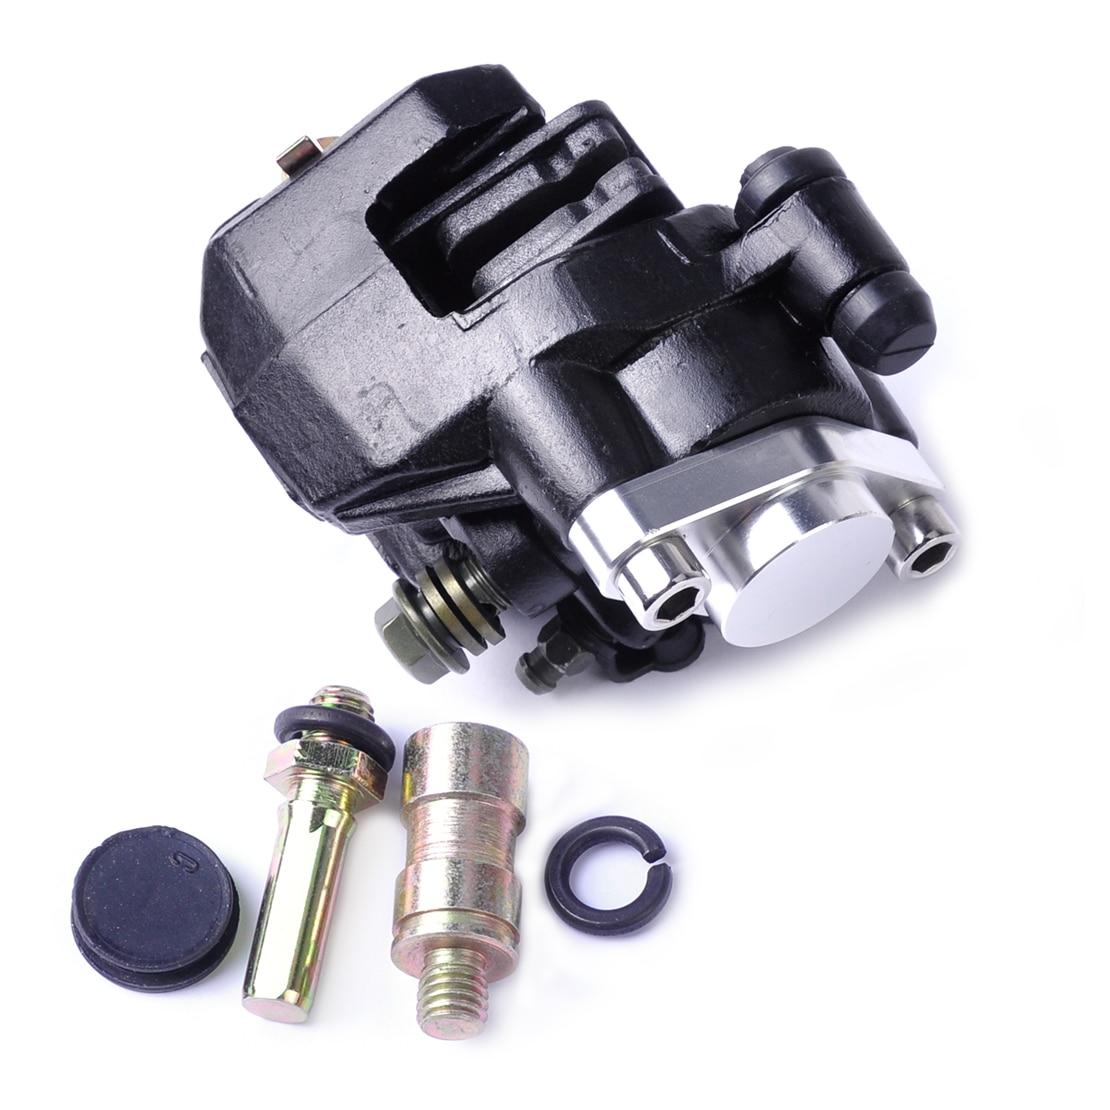 белер Новый задний тормозной суппорт, замена с установкой комплект, пригодный для Honda квадроцикл тренажер TRX 300EX 1993-2004 2005 2006 2007 2008 2009